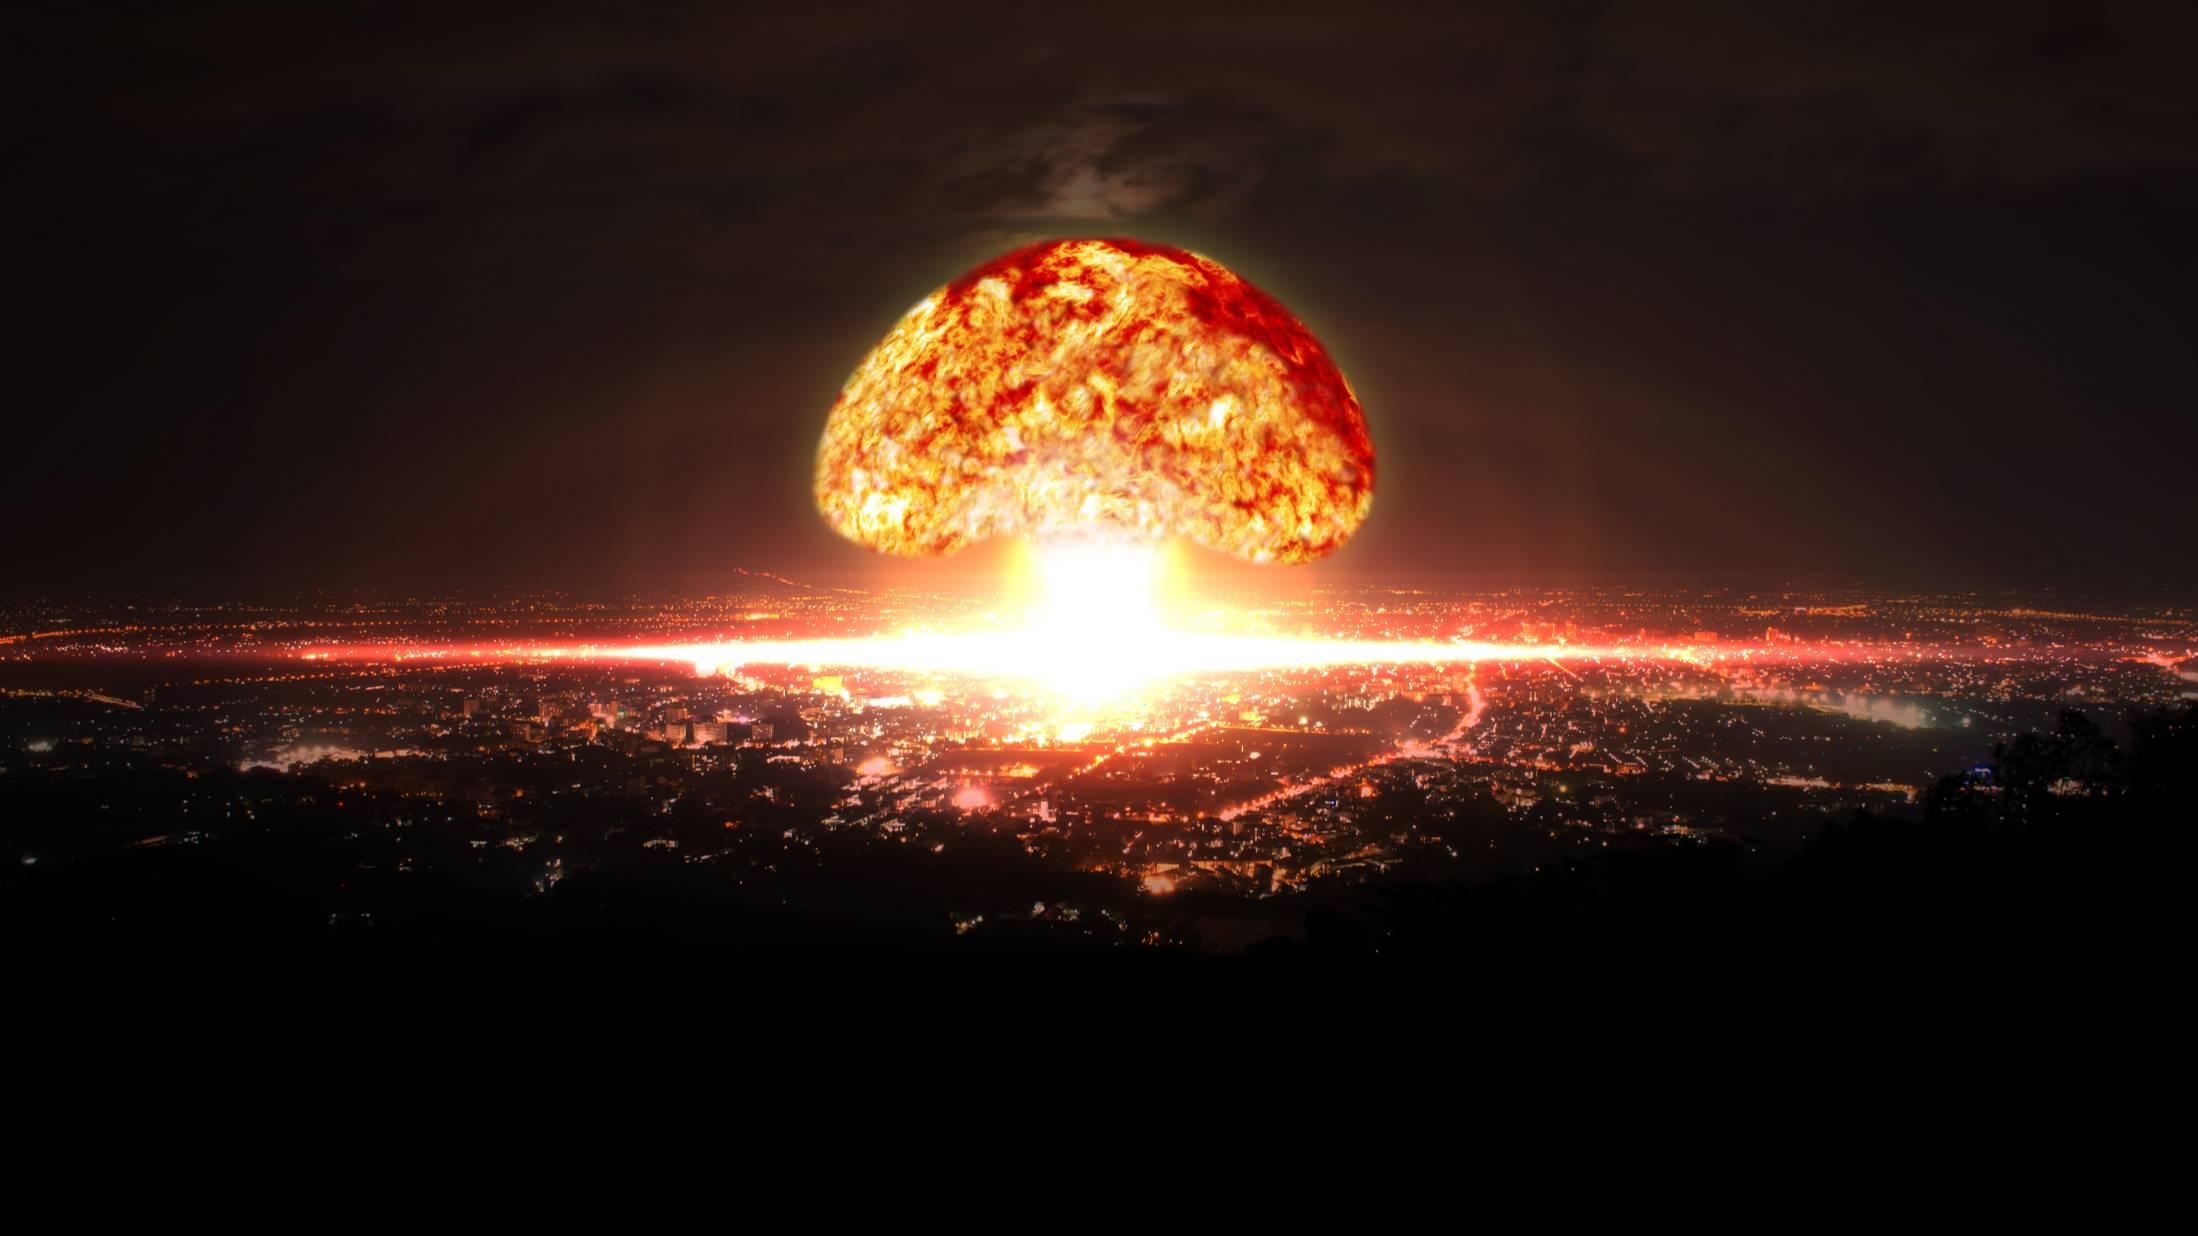 В минуте от ядерного апокалипсиса. Как советский офицер предотвратил третью мировую войну